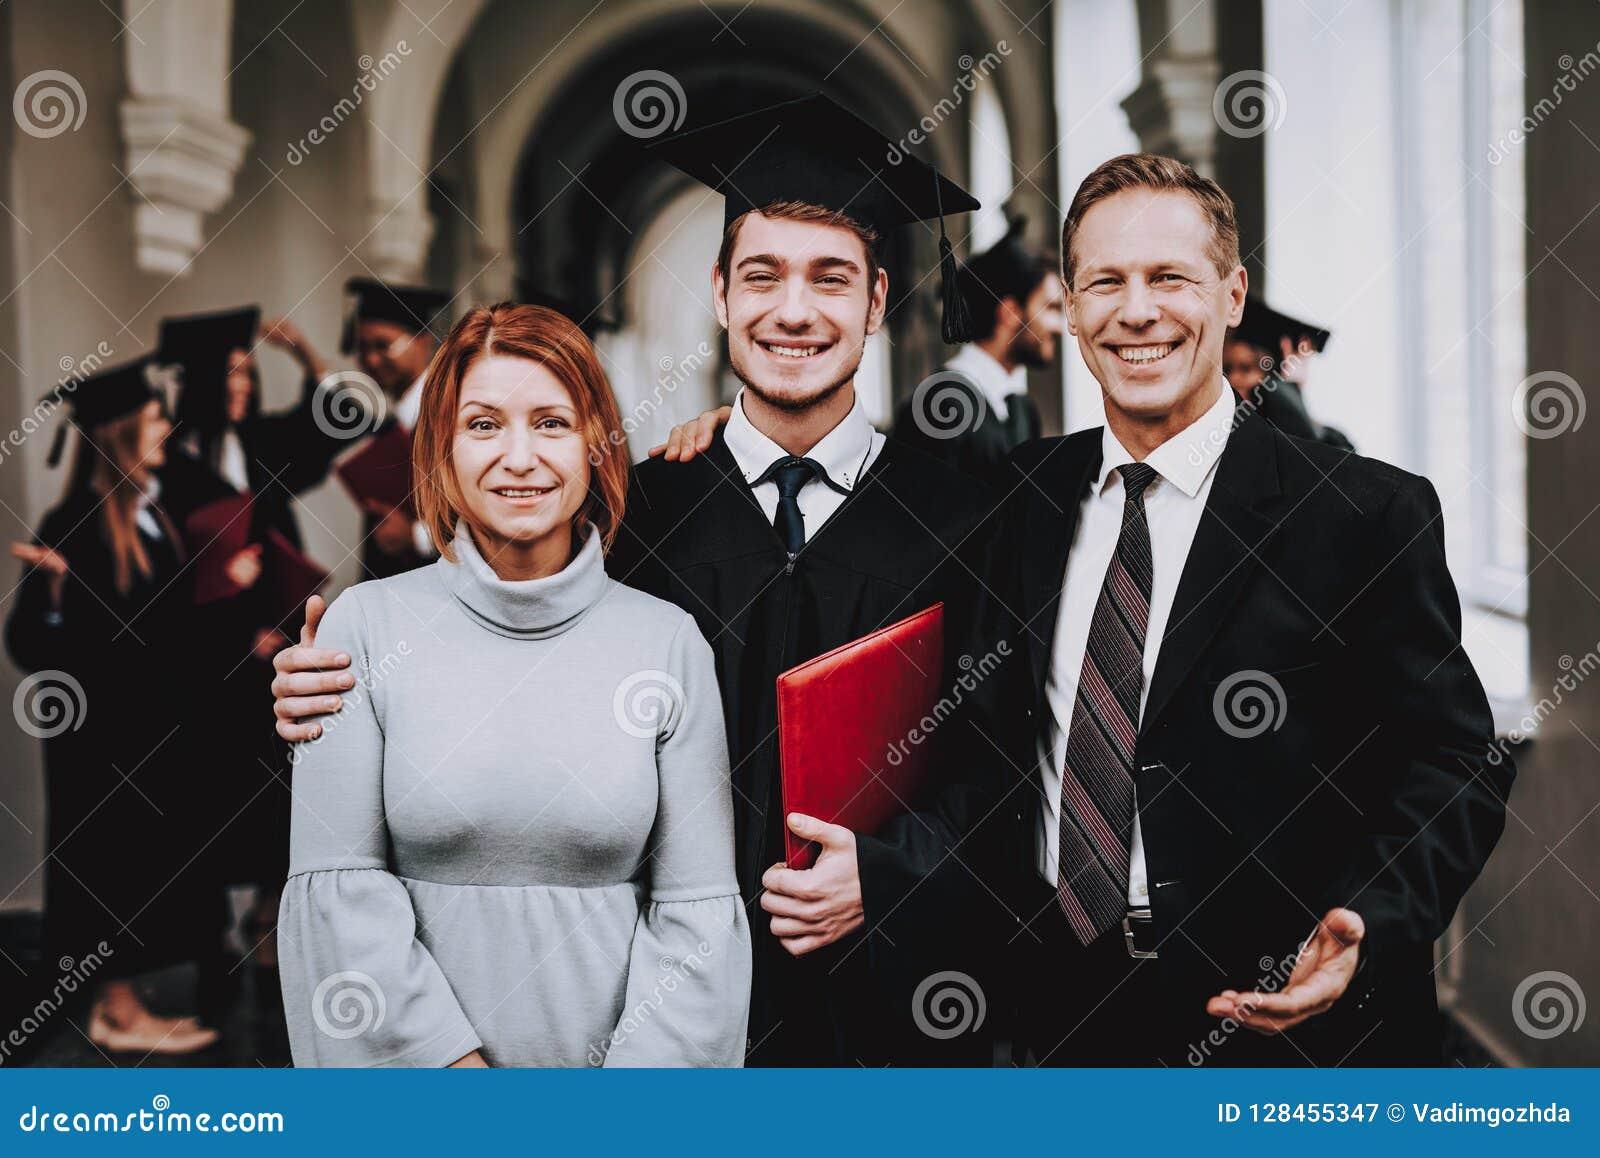 Ouders gediplomeerden gelukkig Goede stemming Heb pret